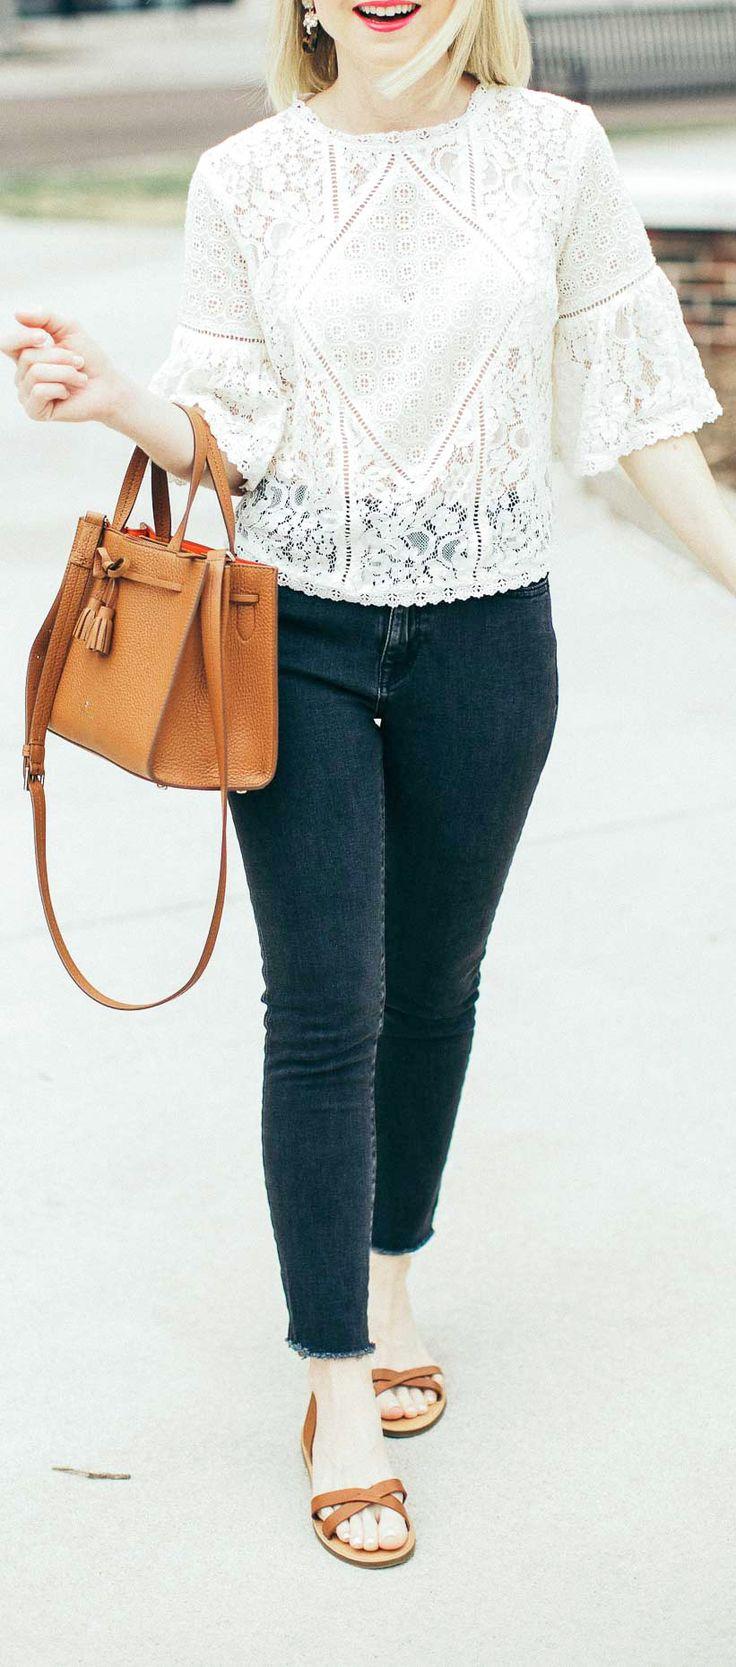 Best 20 lace blouses ideas on pinterest work blouse Lace shirt outfit ideas